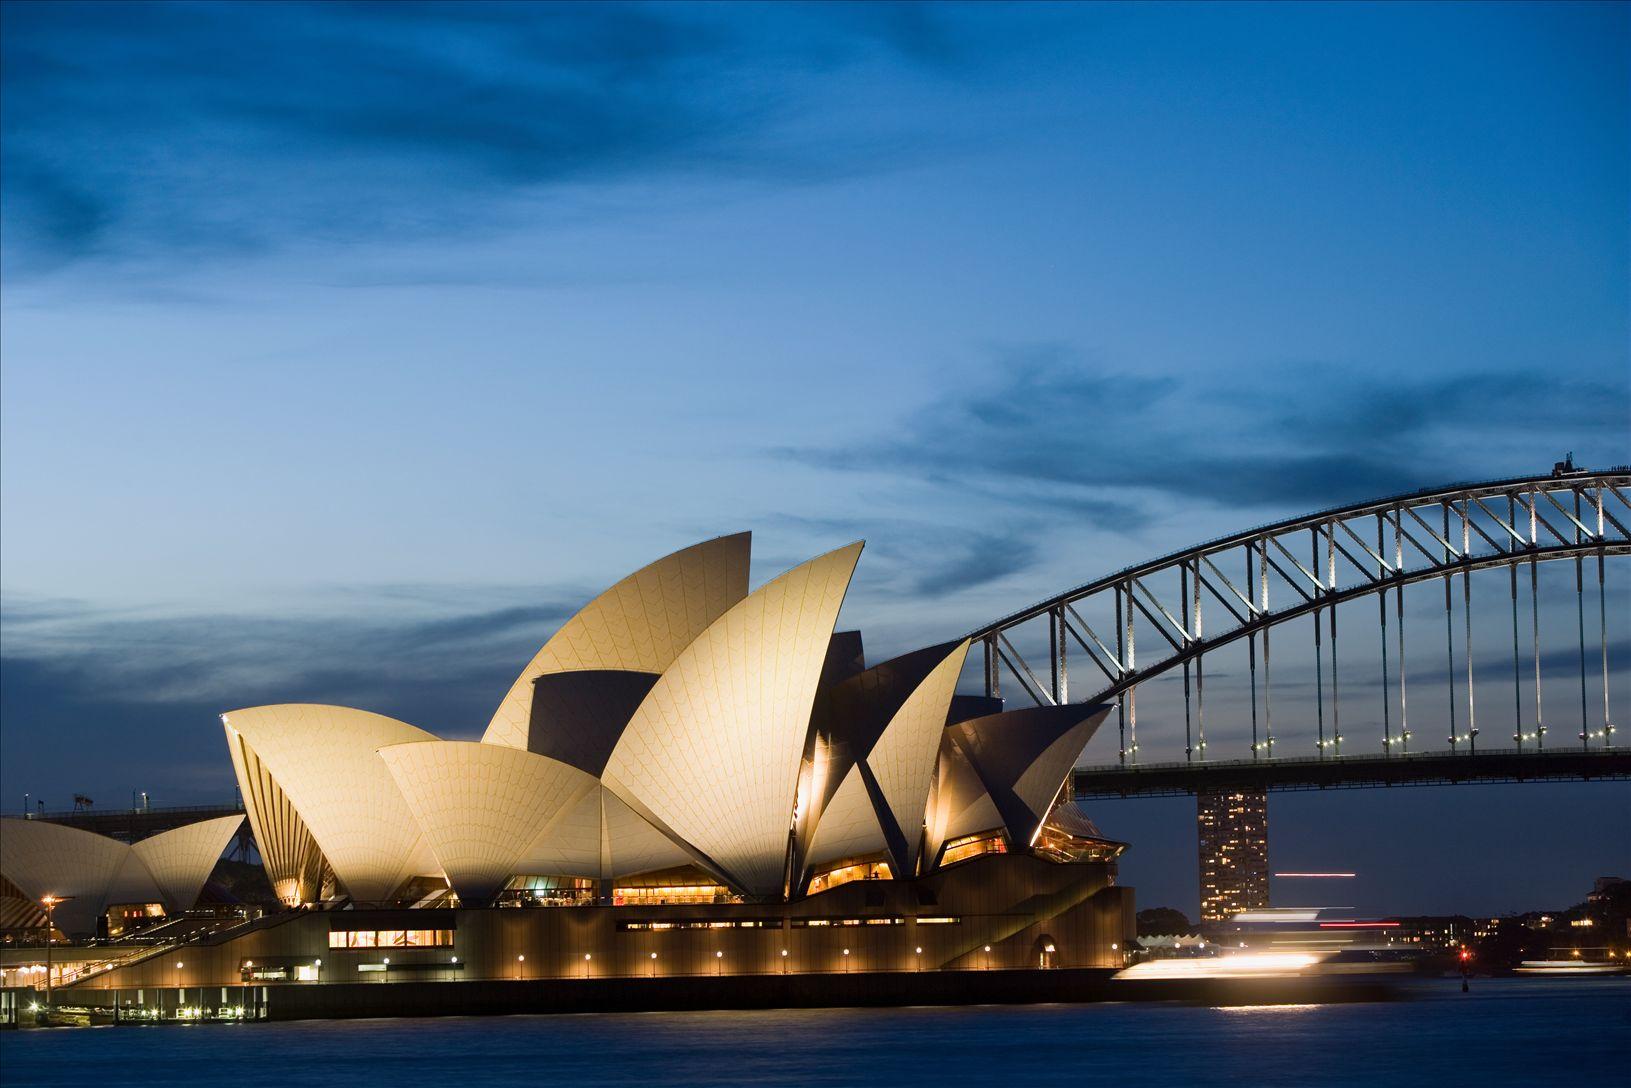 【无锡出发】澳大利亚新西兰凯恩斯9晚11日游(上海往返)